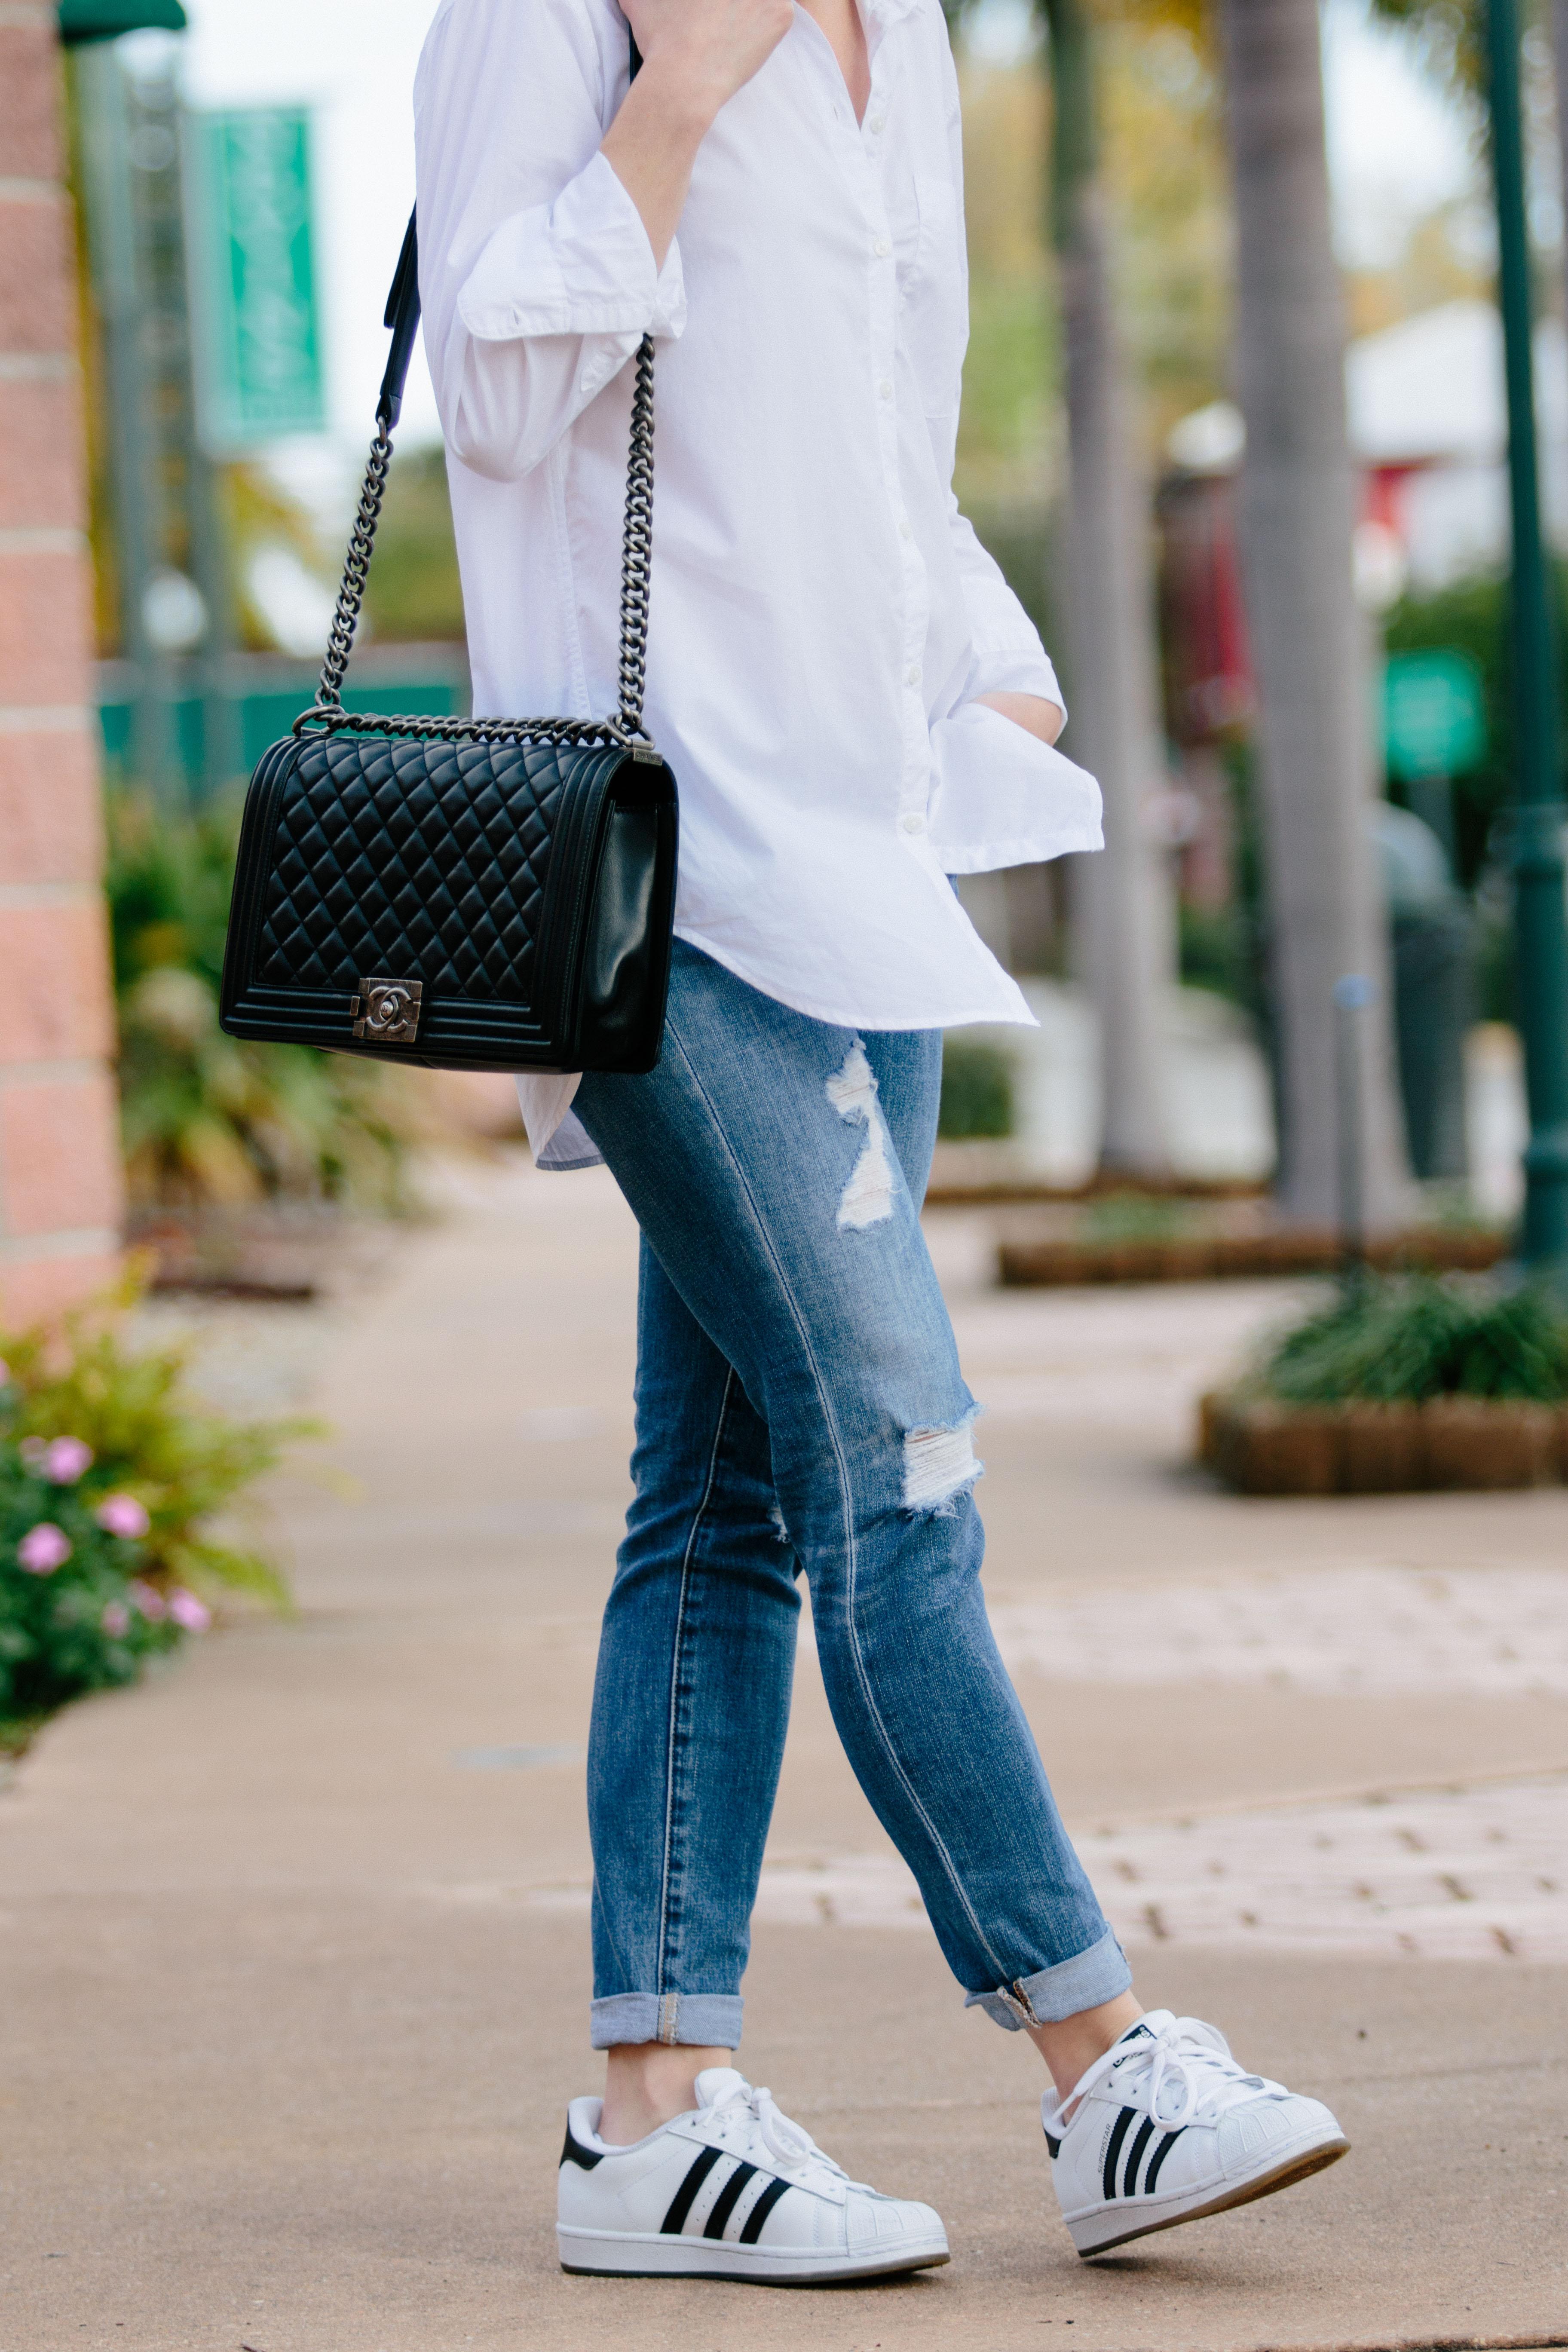 Ag jeans sulle palafitte raccolto arrotolate jean 17 anni di rivolta, adidas superstar